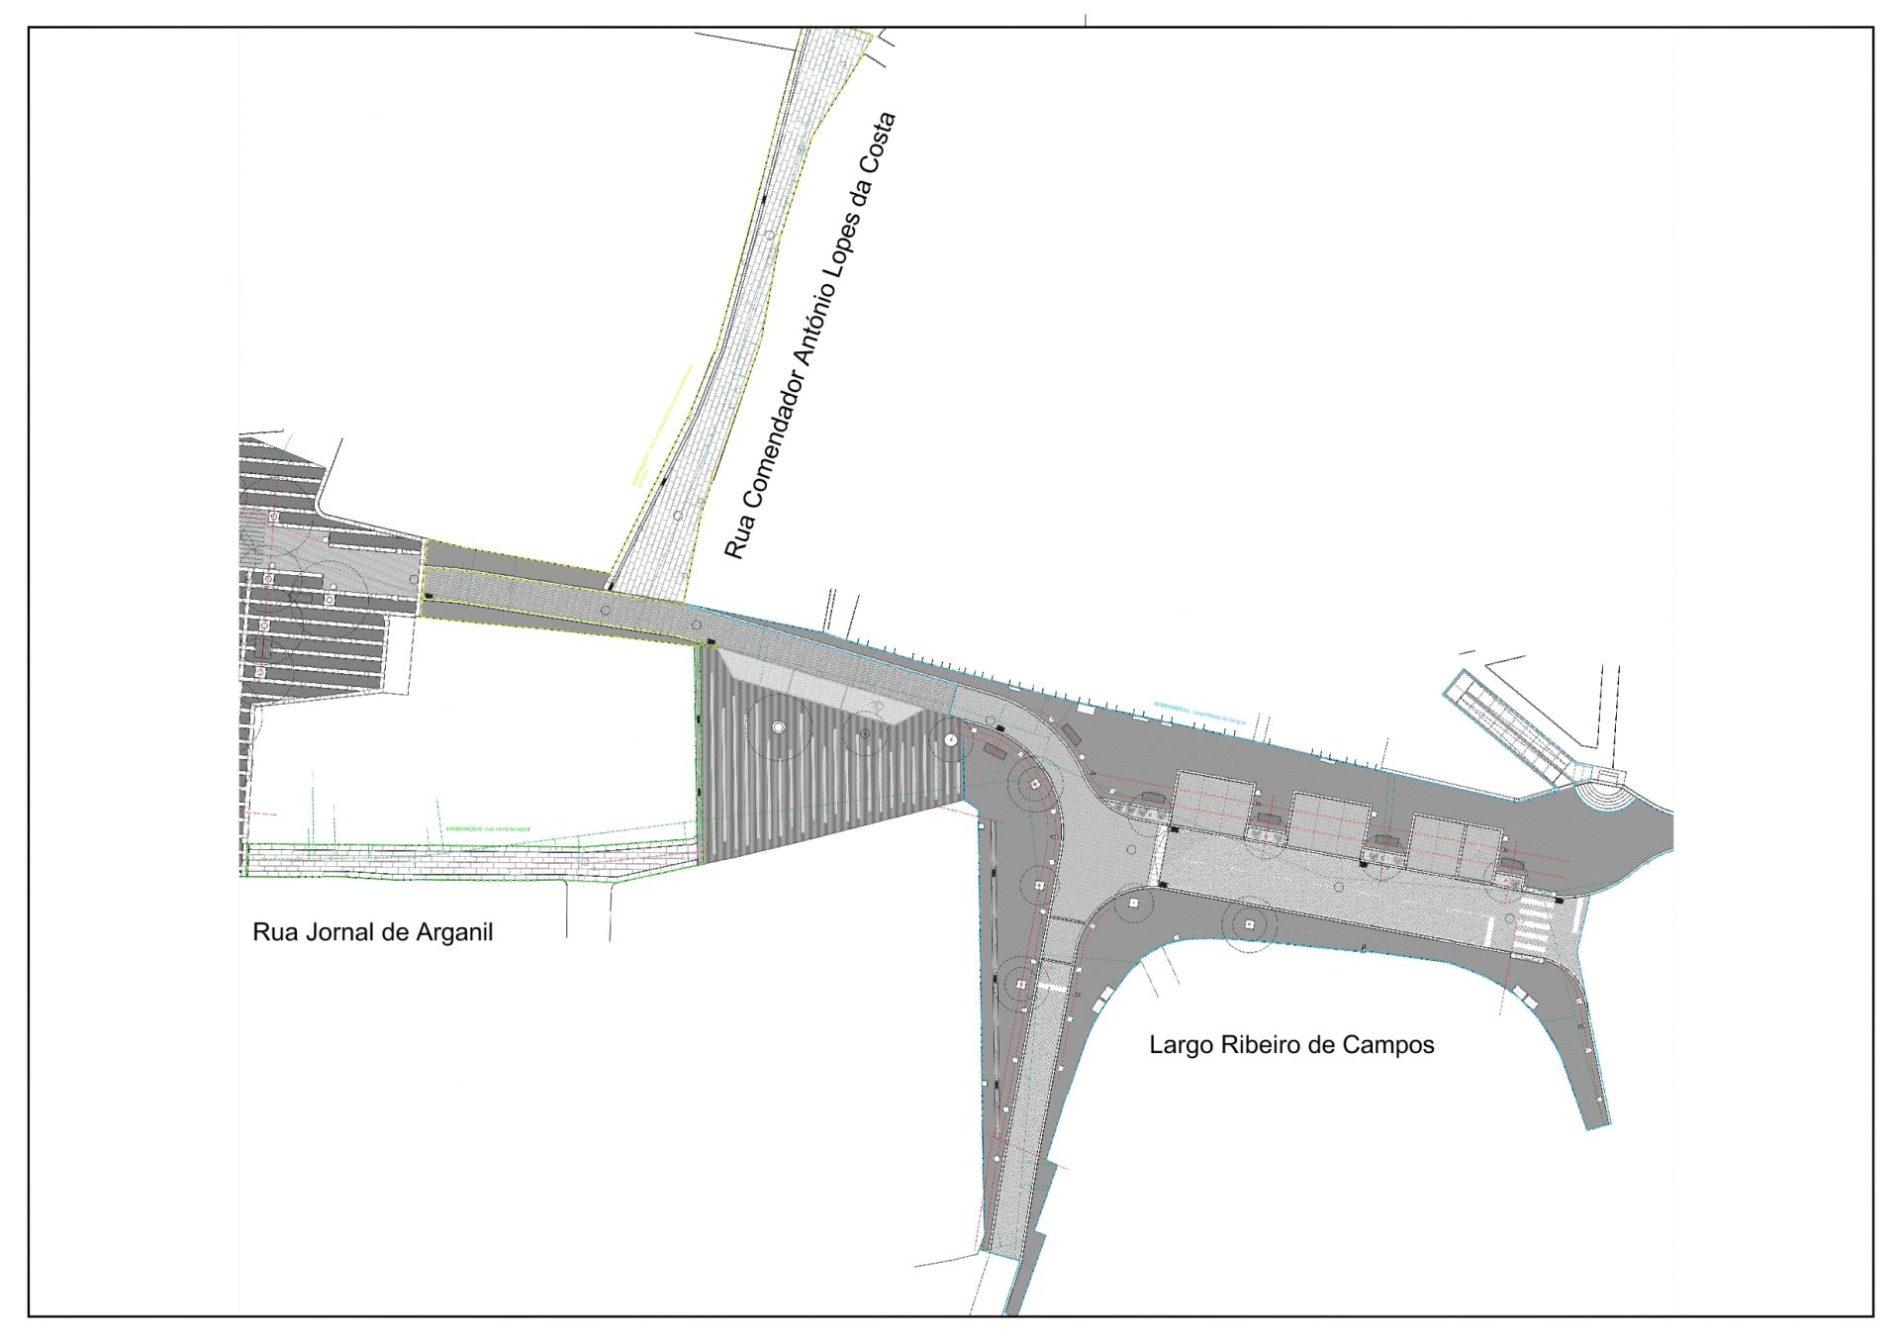 Município de Arganil avança com a requalificação do espaço público